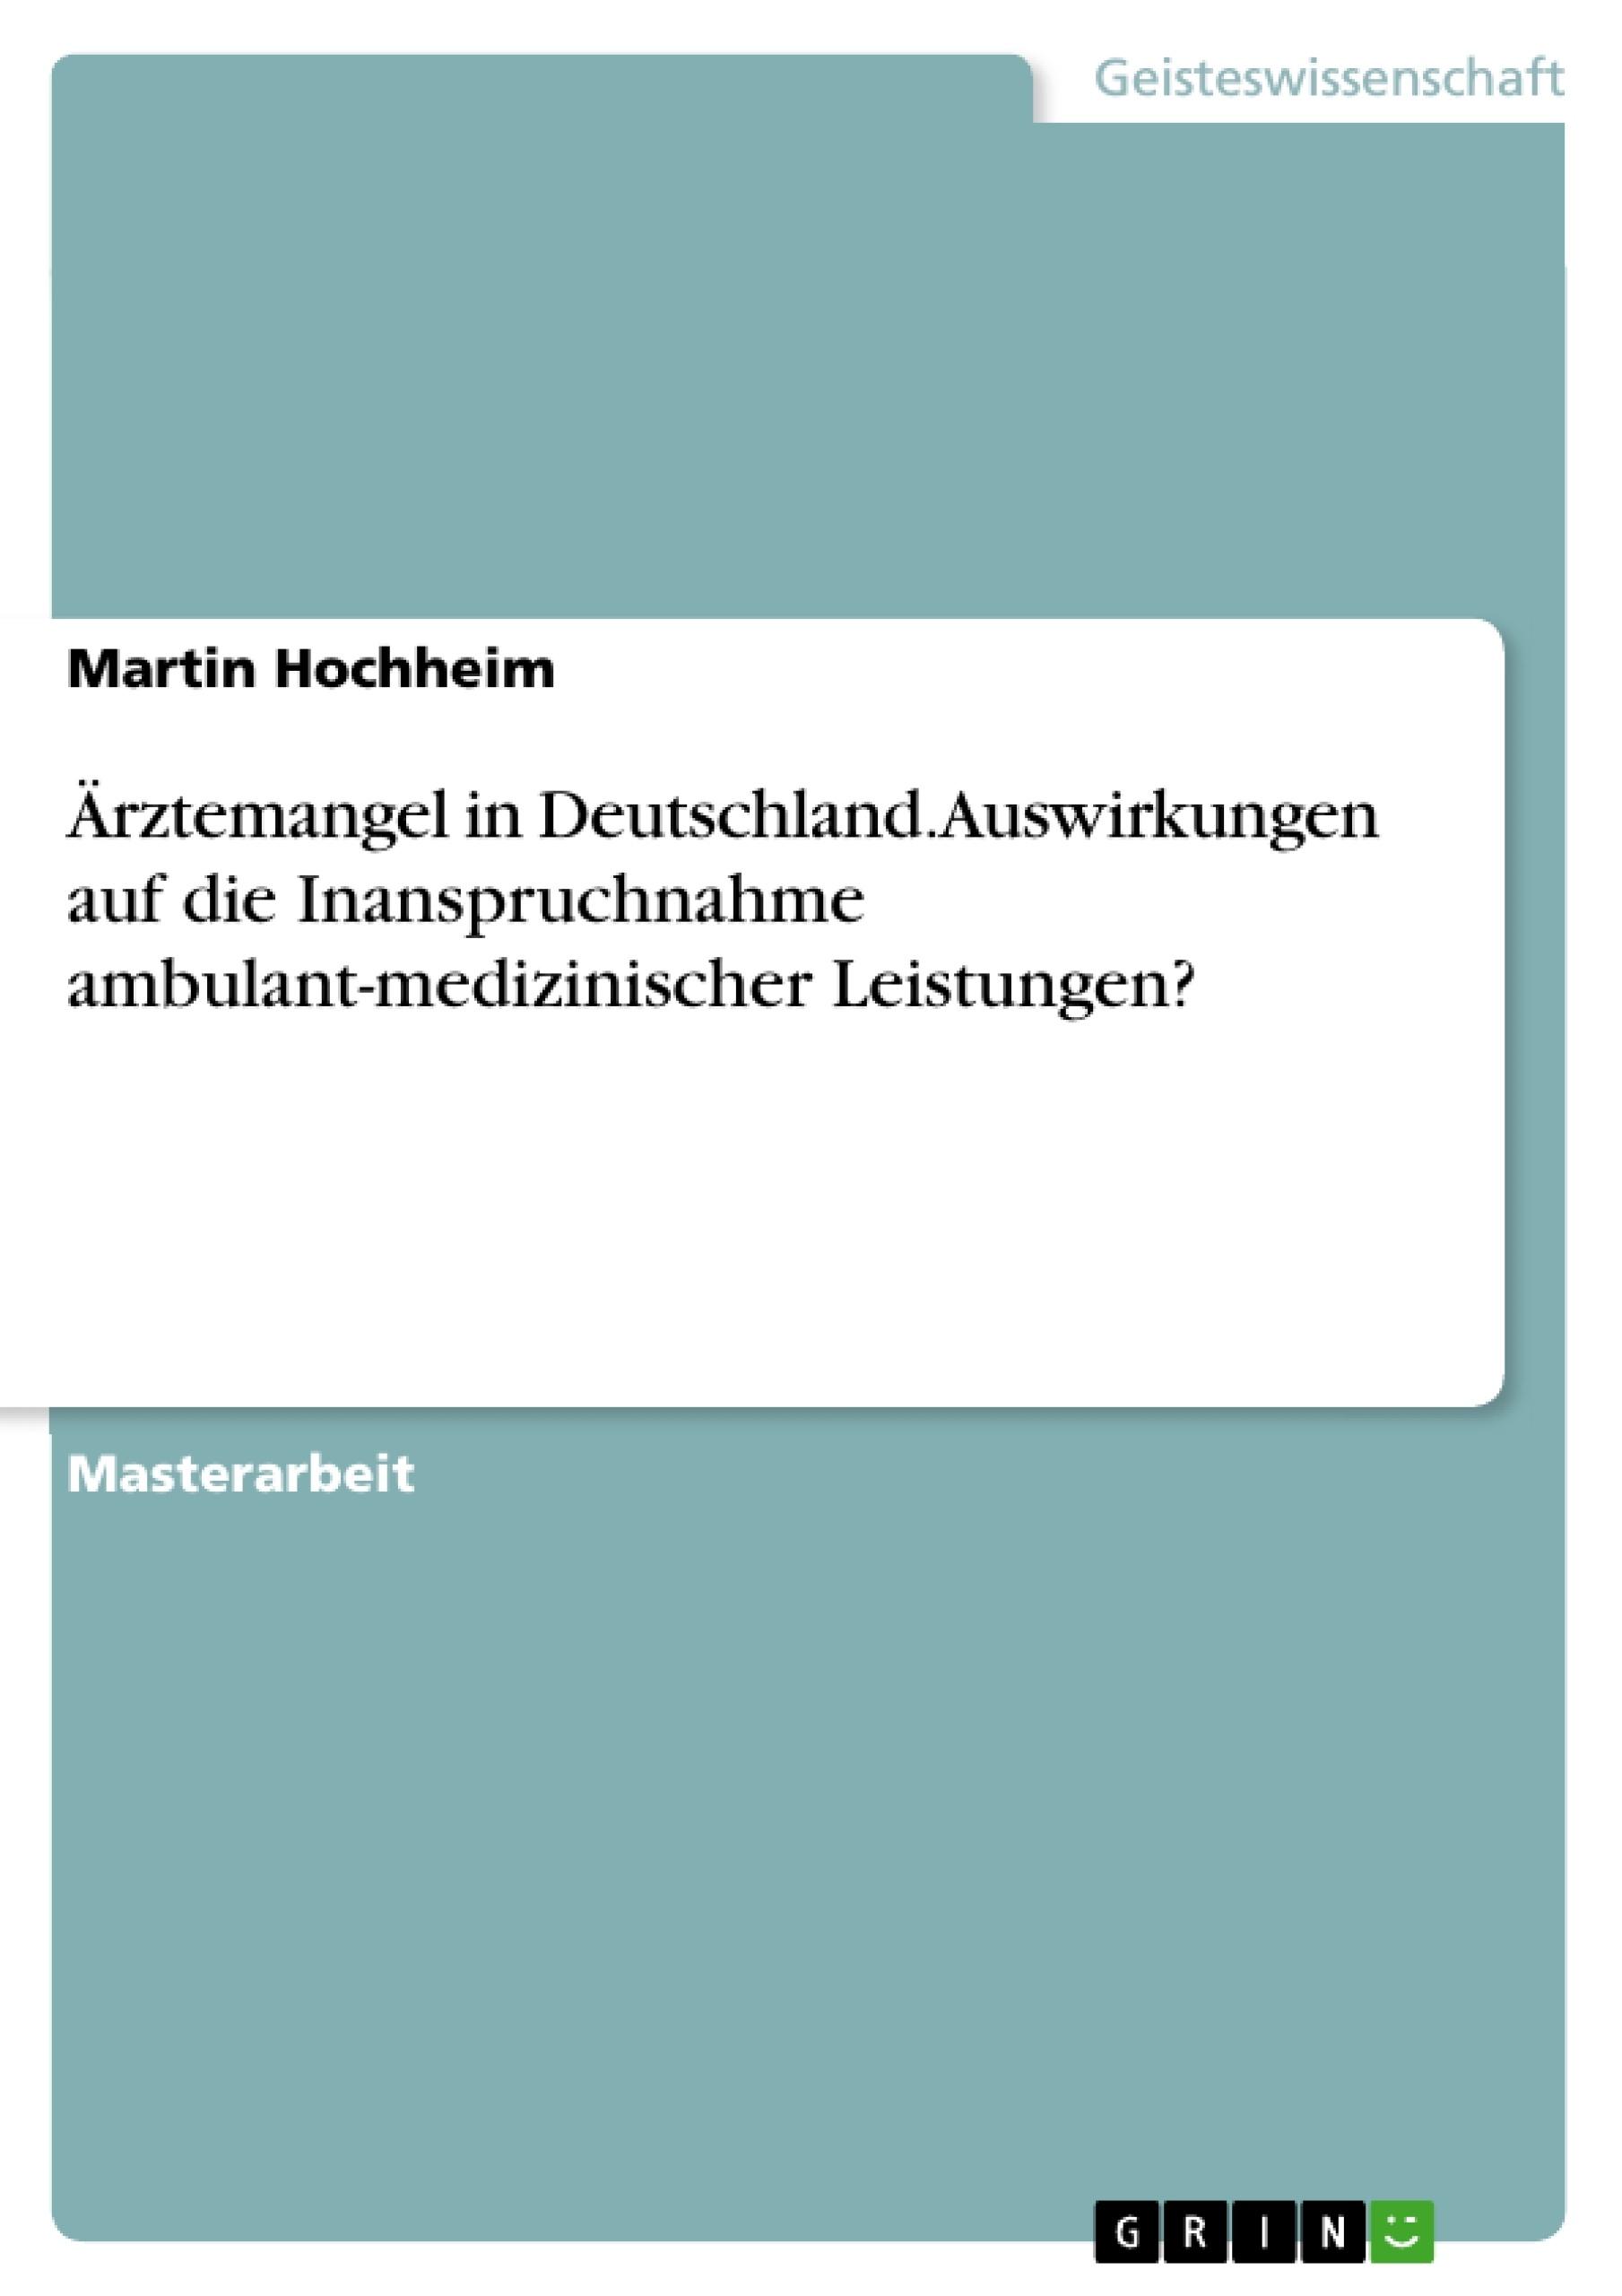 Titel: Ärztemangel in Deutschland. Auswirkungen auf die Inanspruchnahme ambulant-medizinischer Leistungen?